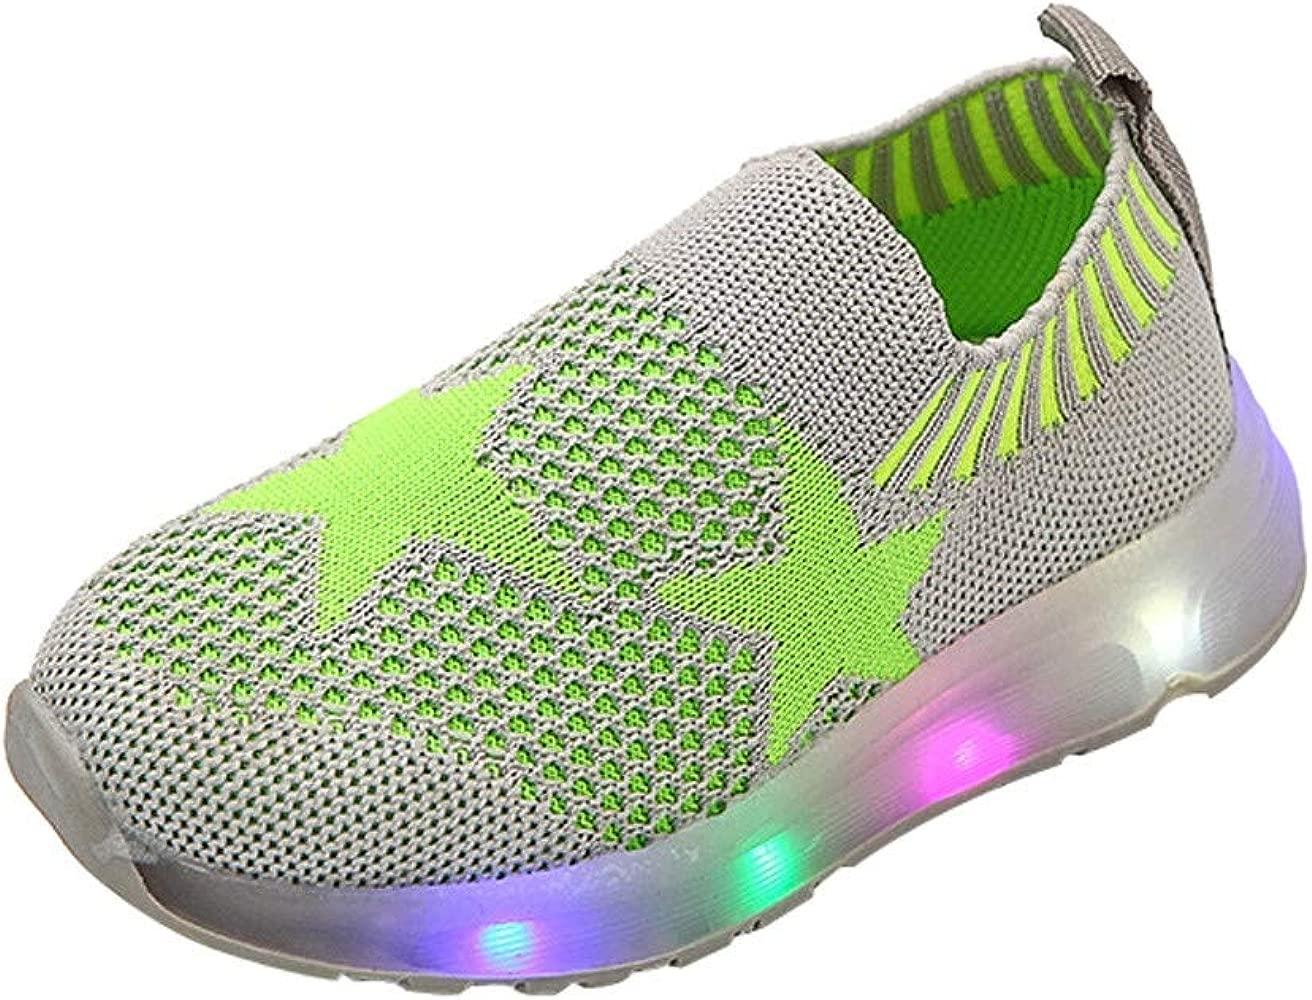 scarpe nike con luci led